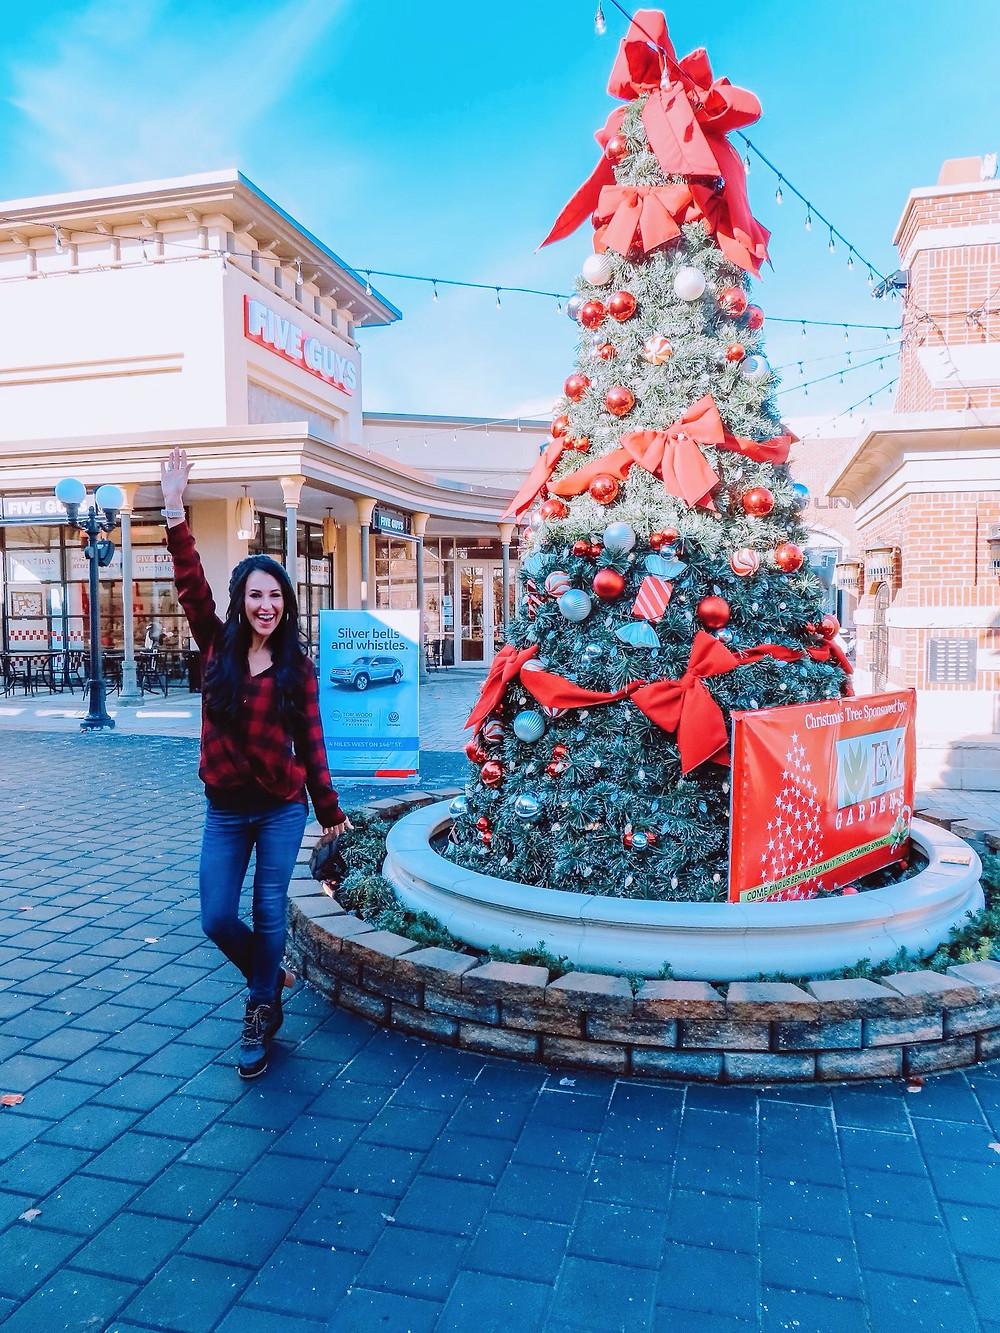 Simon malls, Hamilton town center, Noblesville, Indiana, Indiana blogger, indy blogger